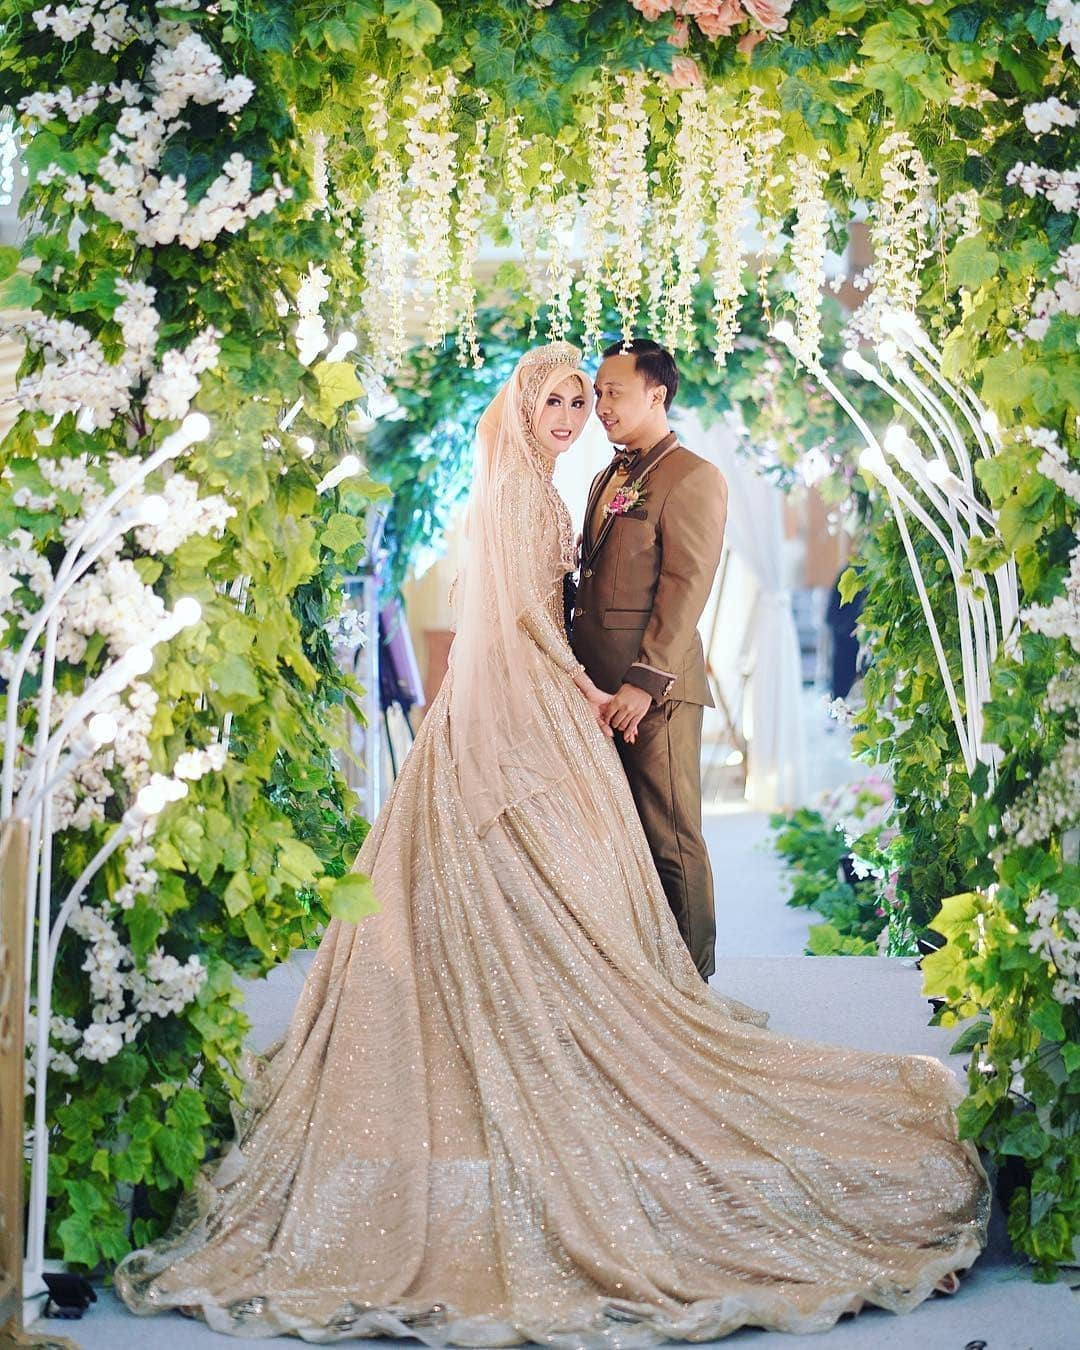 busana pernikahan